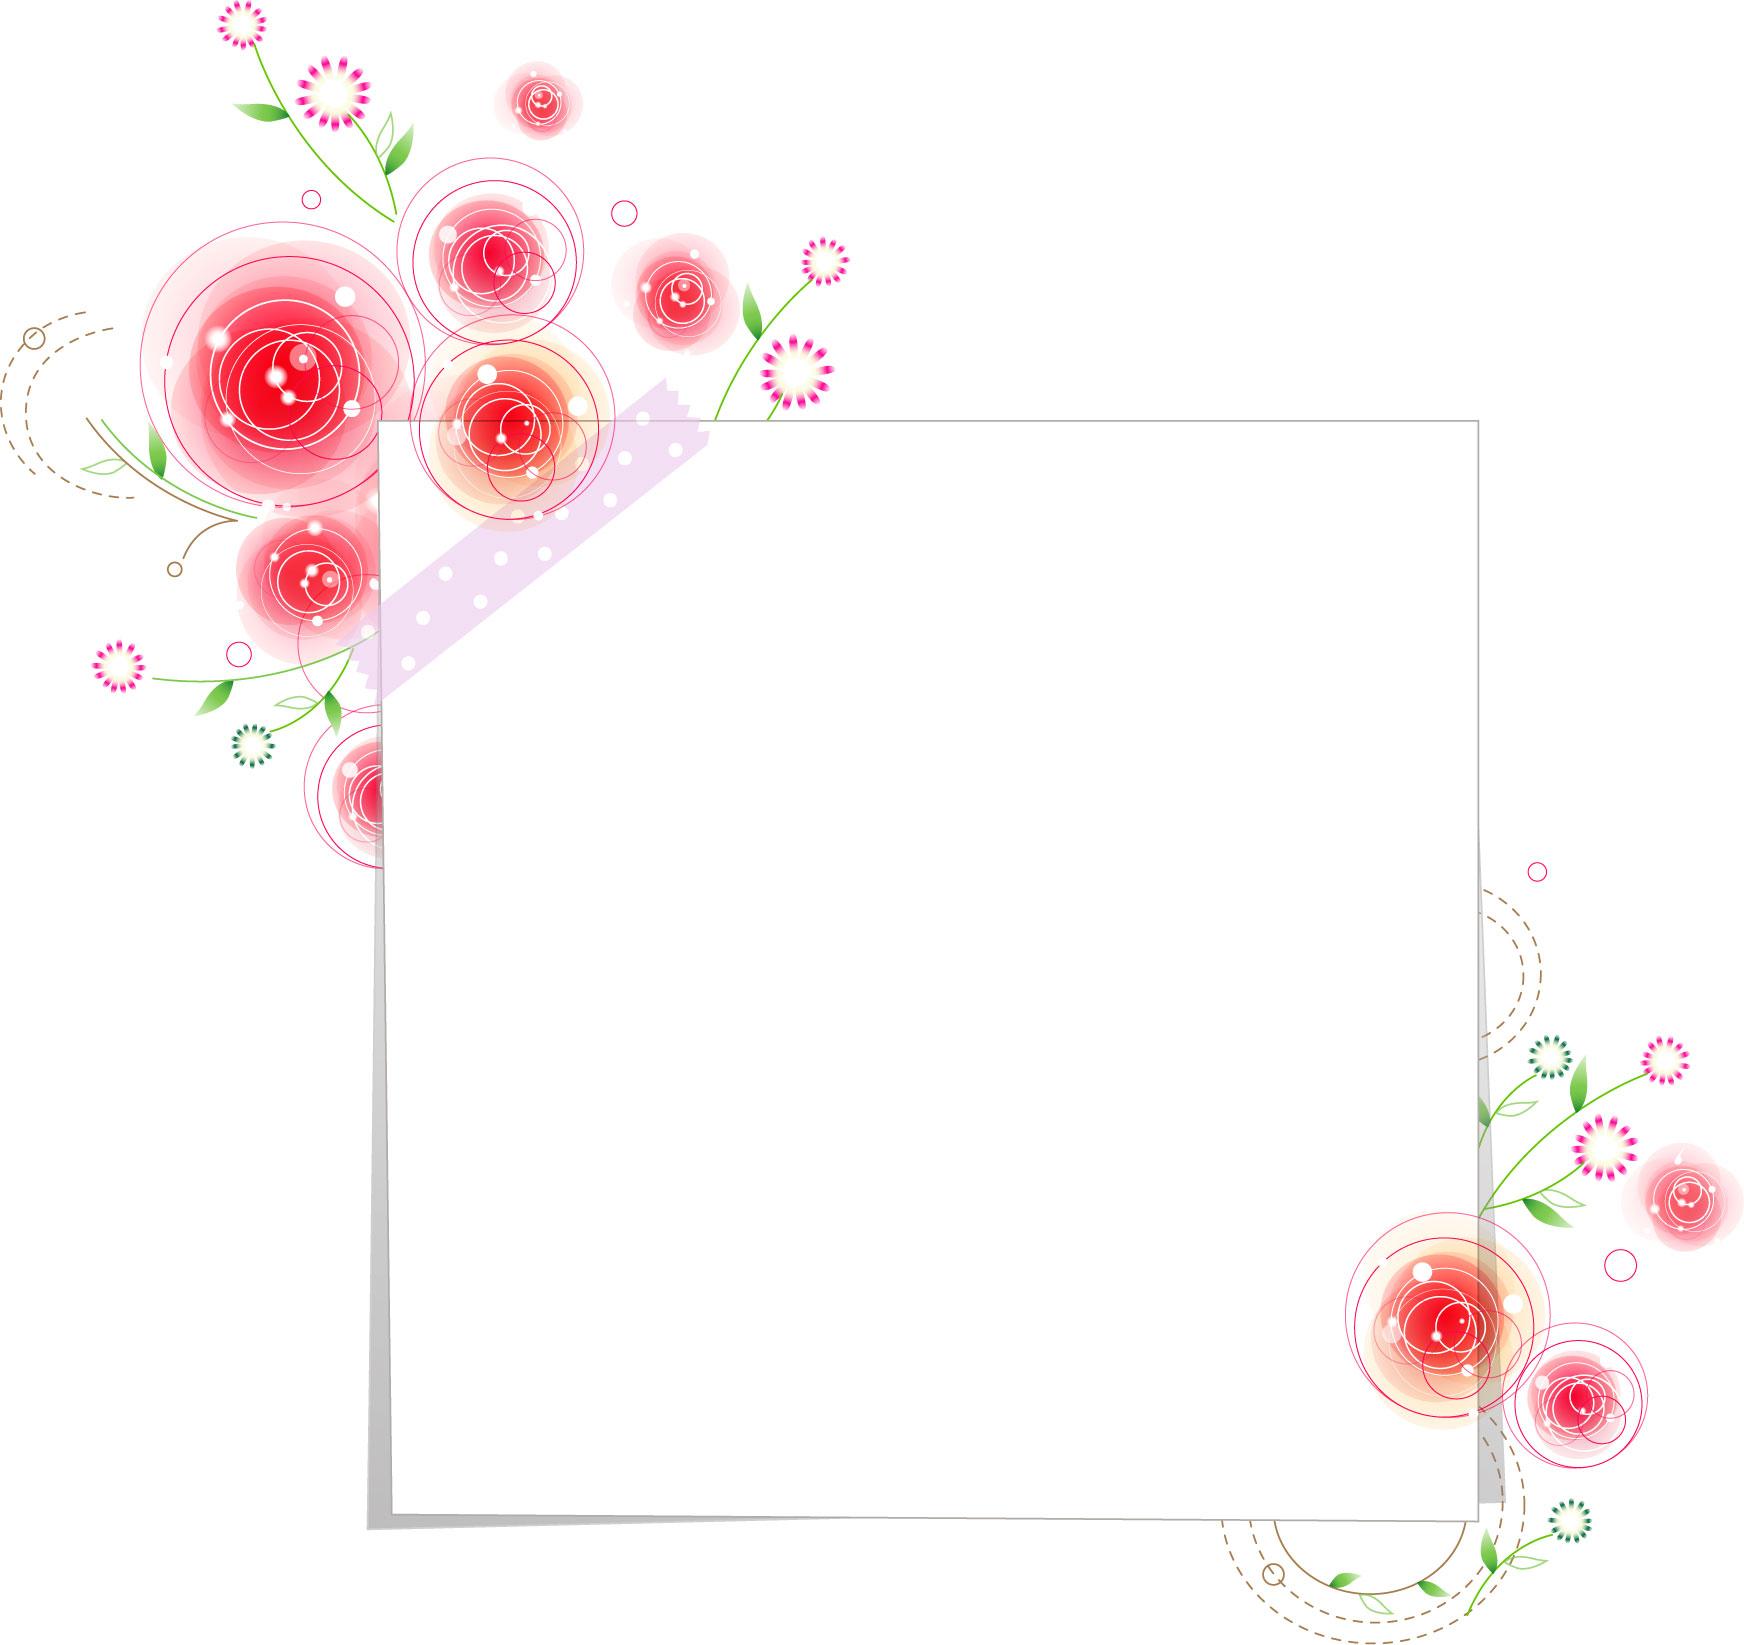 ポップでかわいい花のイラスト・フリー素材/no.988『白い色紙